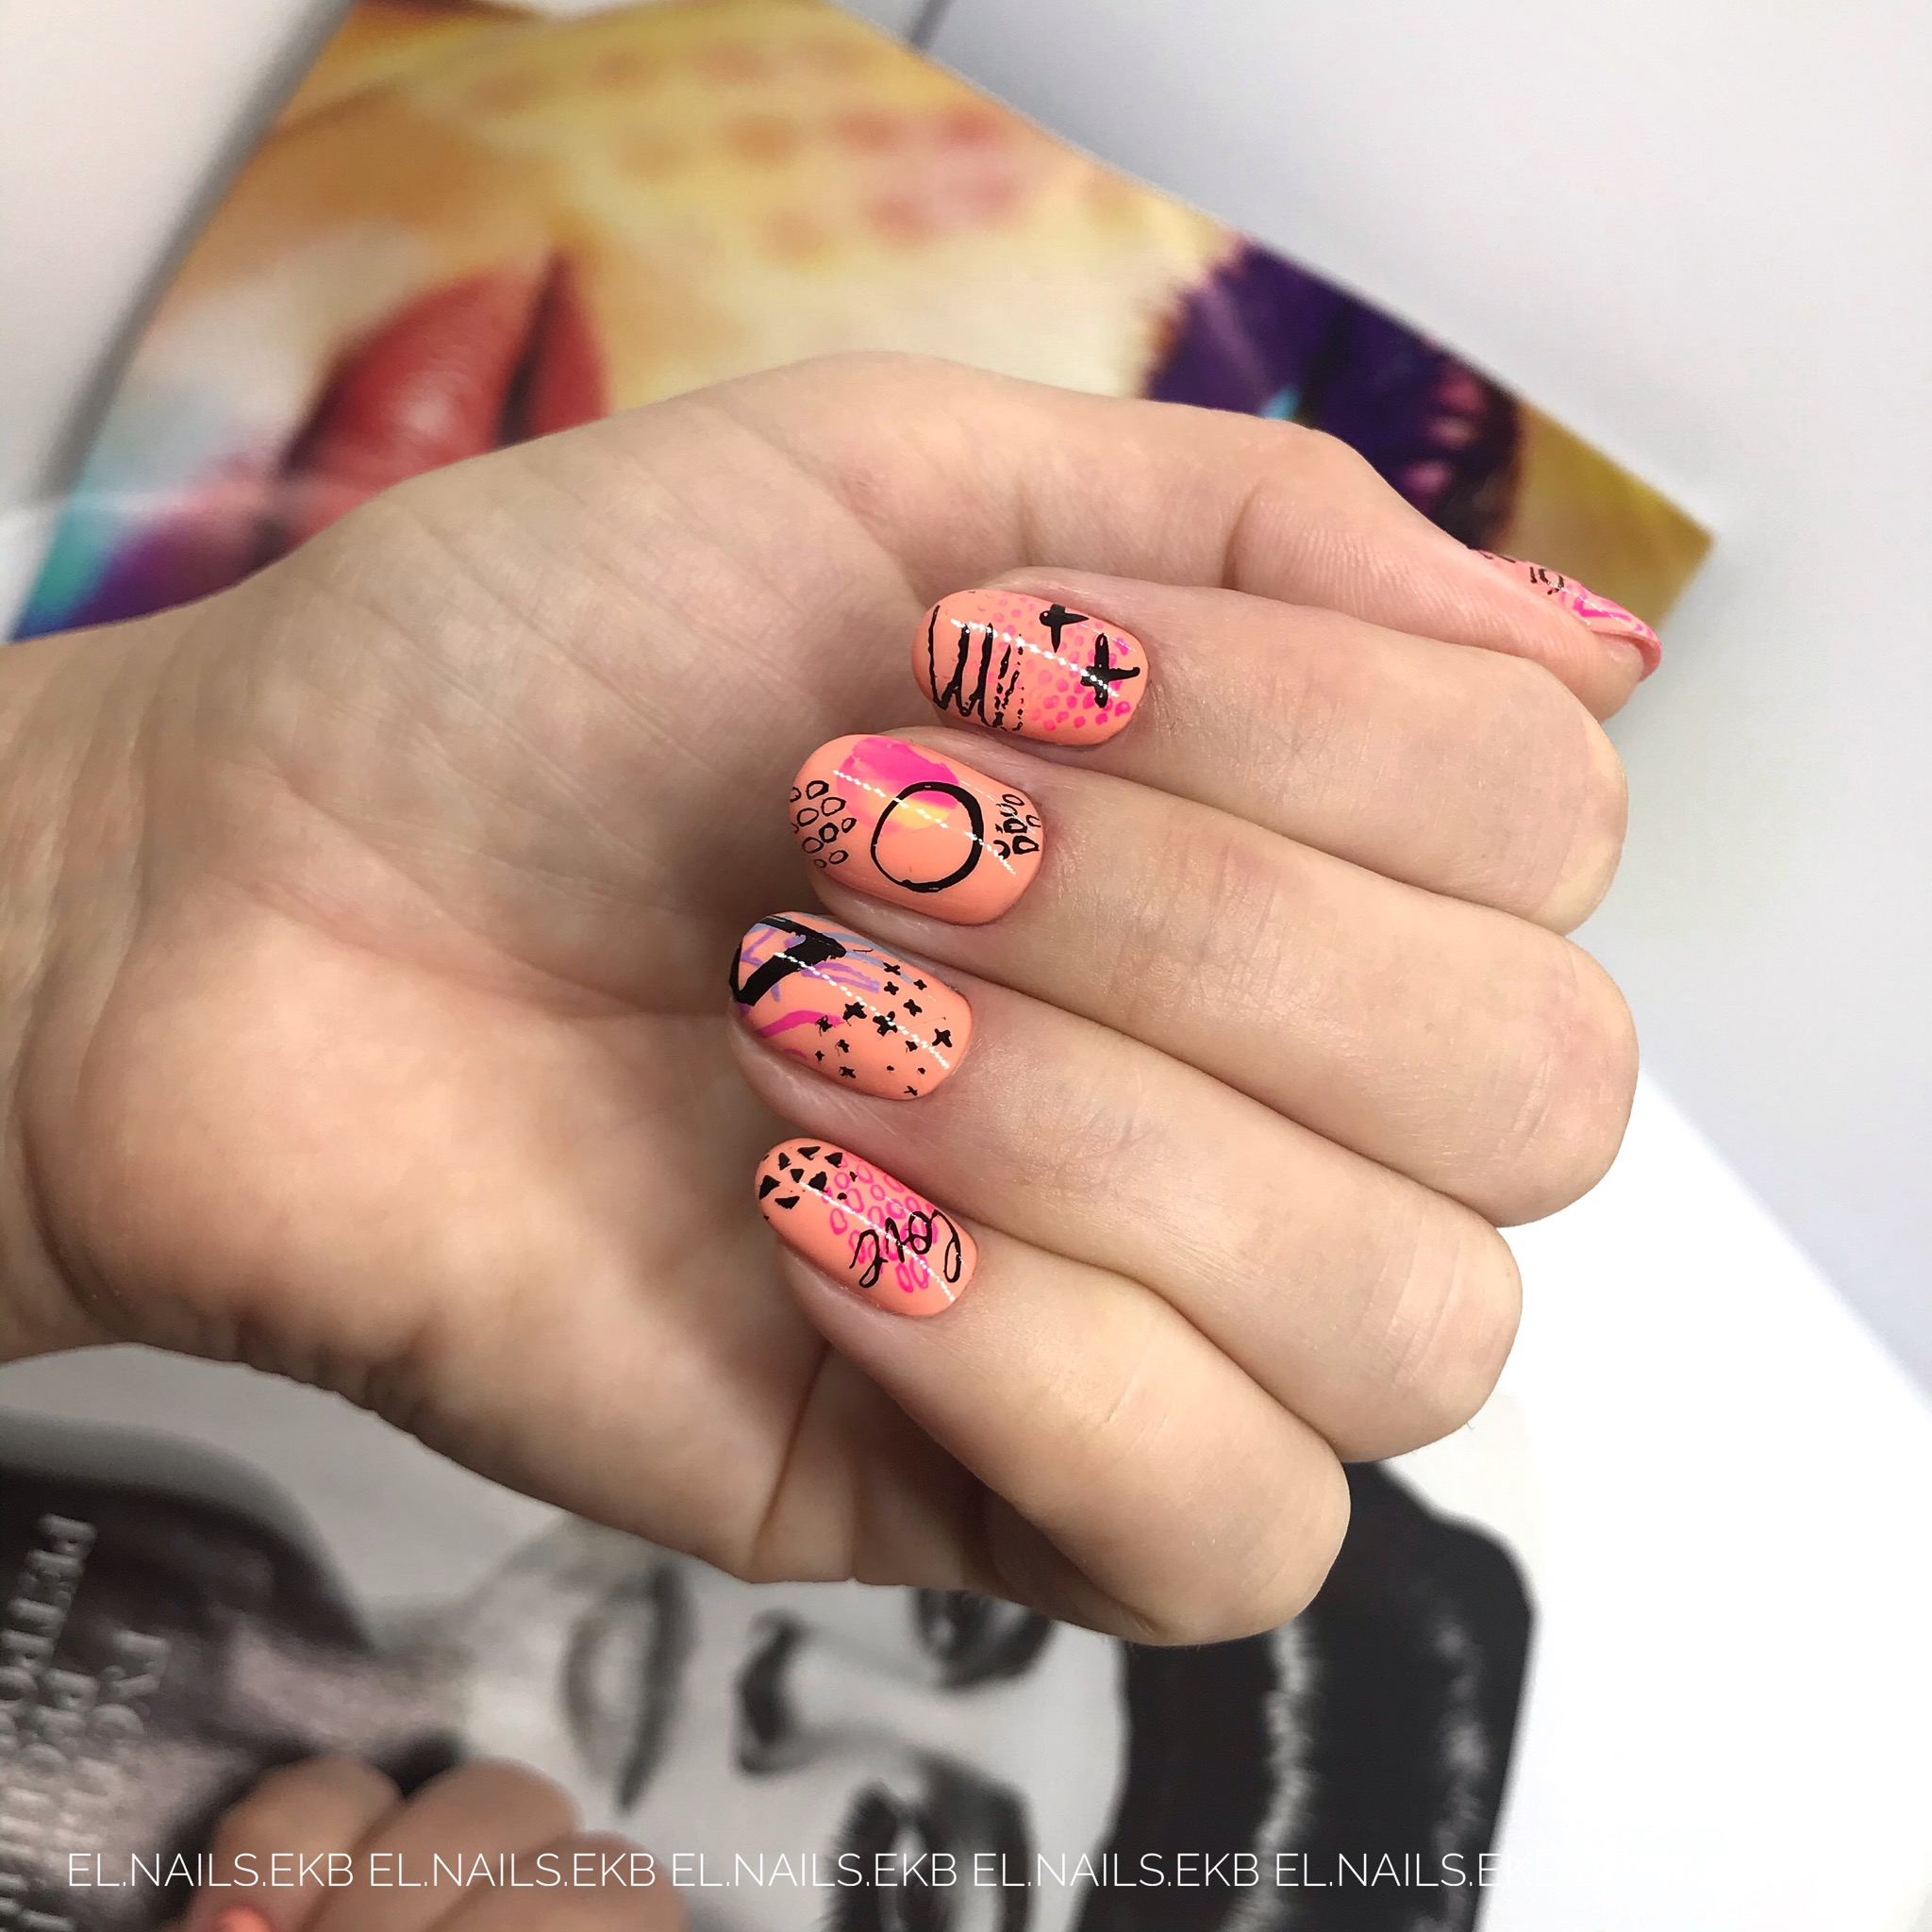 Маникюр с абстрактным рисунком на короткие ногти.